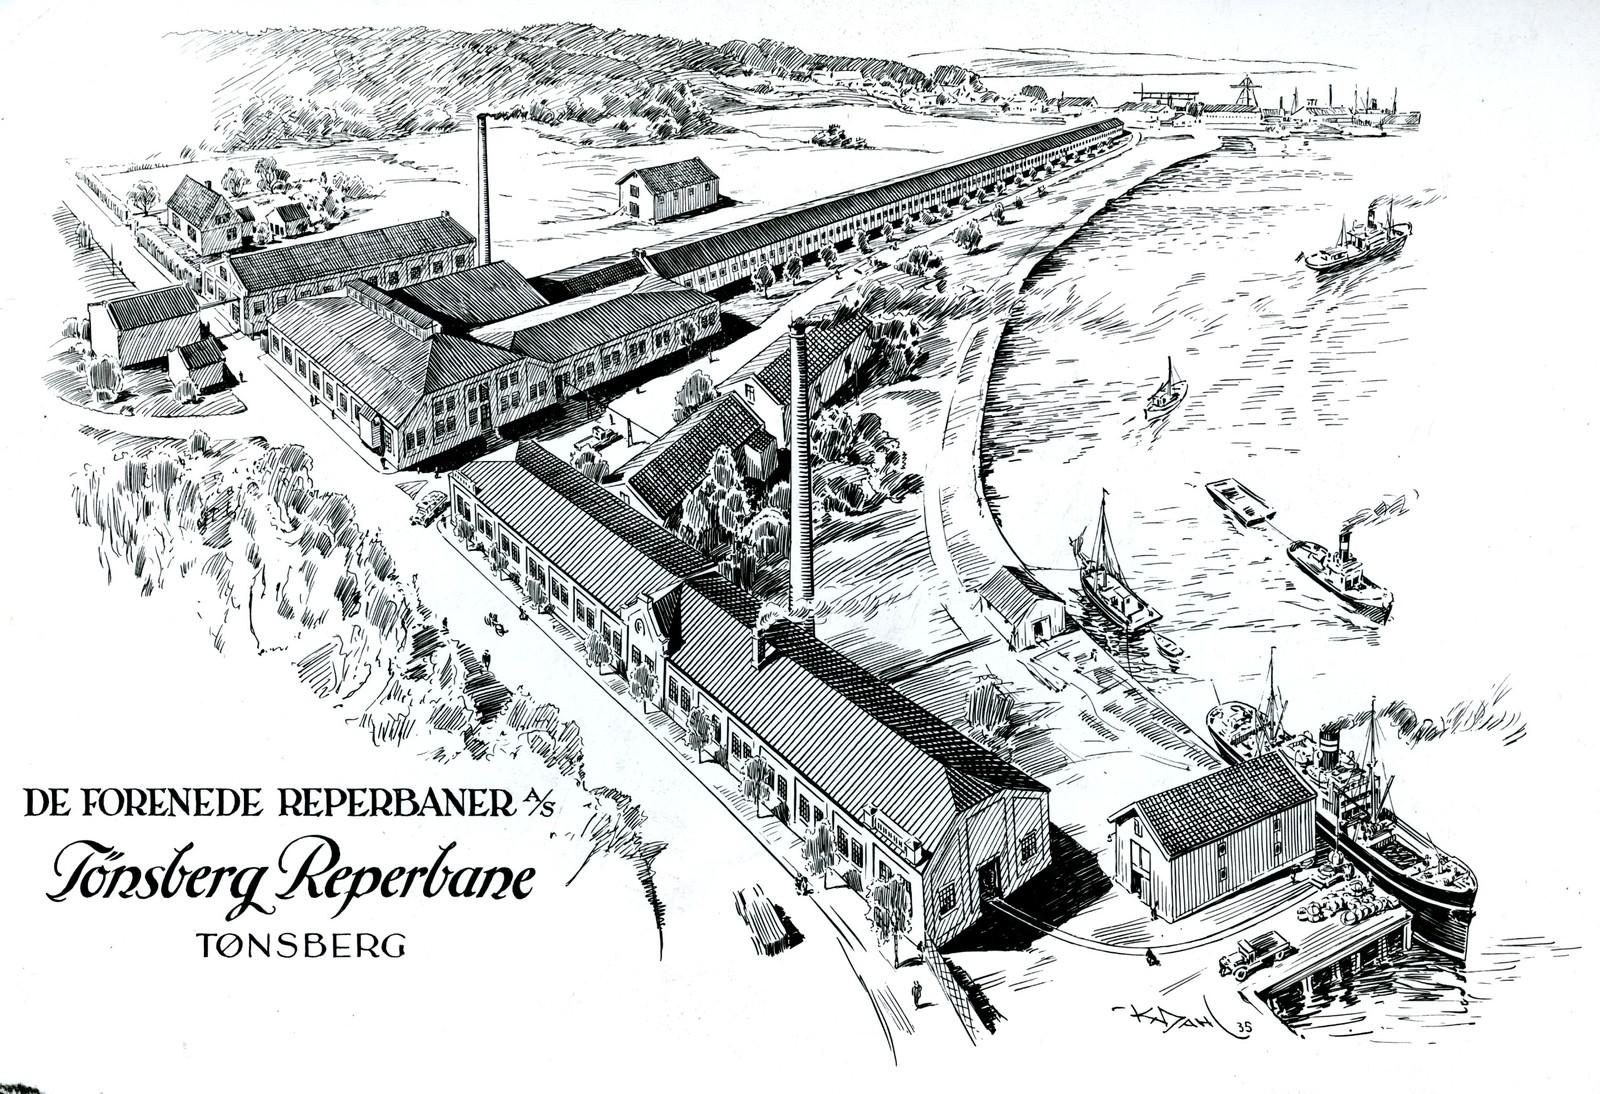 Tegning De forenede reperbaner